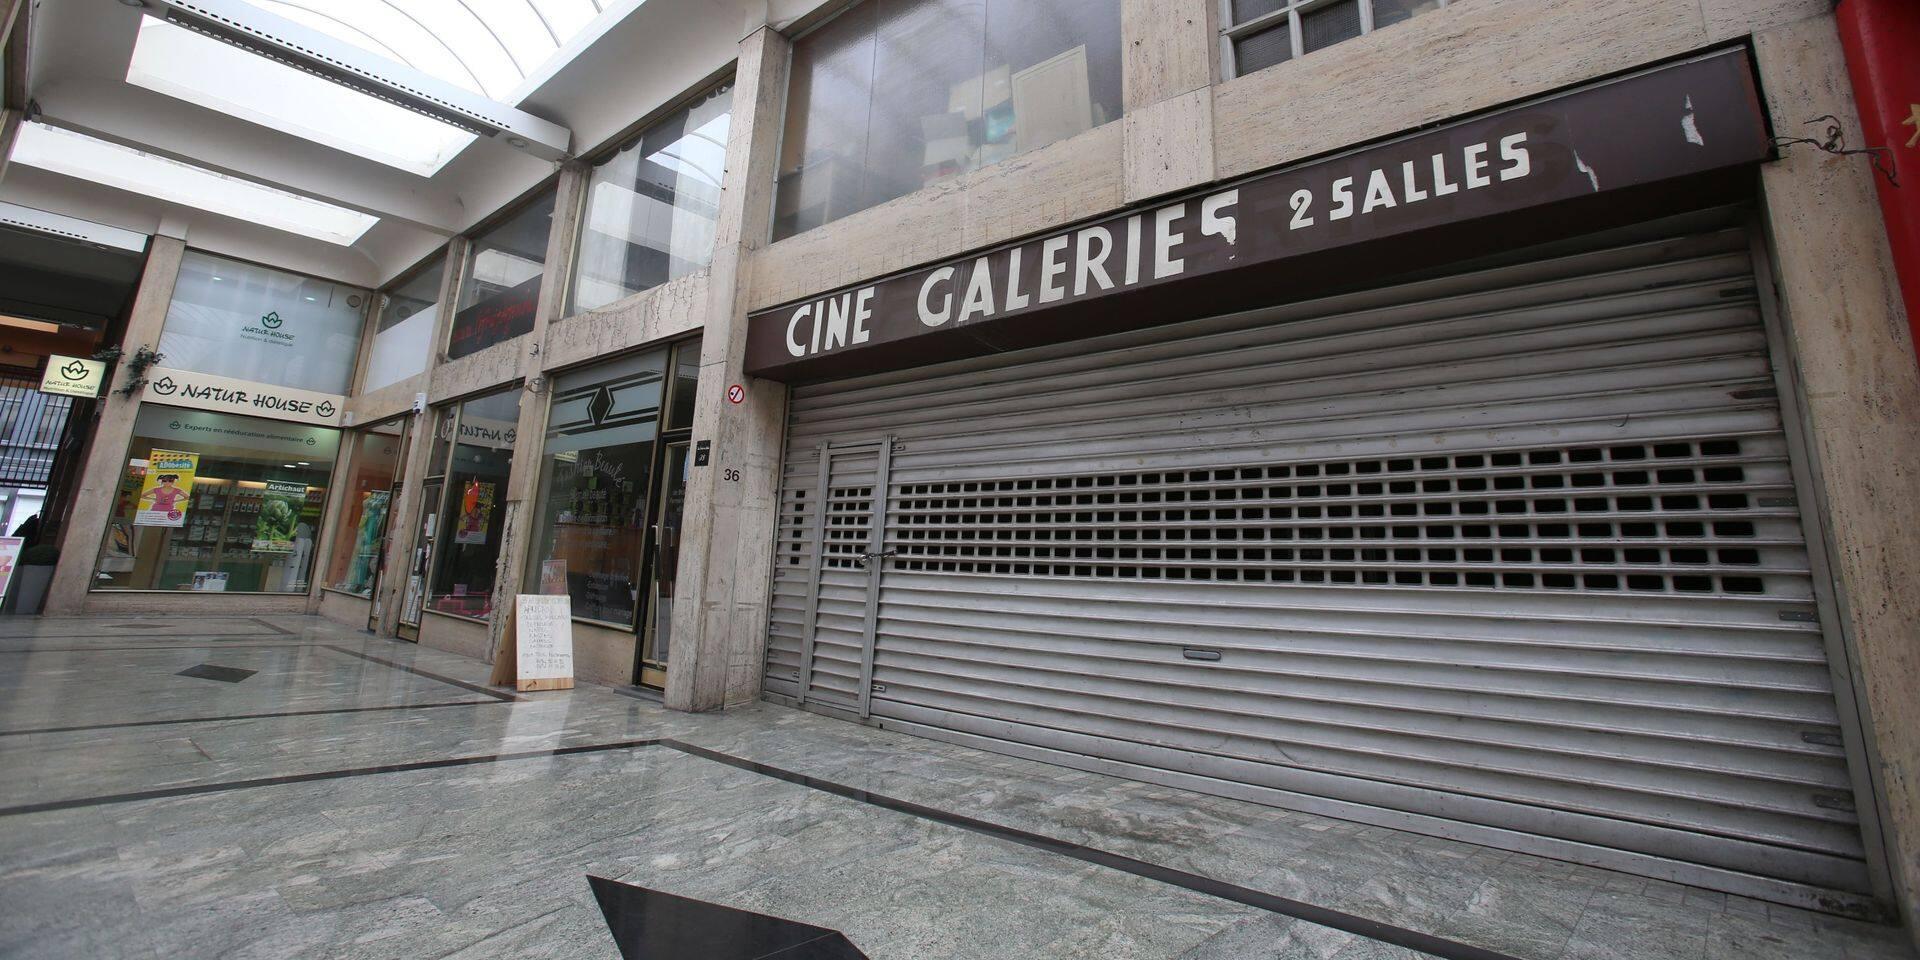 Mons: Le projet de ressusciter le cinéma des galeries a du plomb dans l'aile